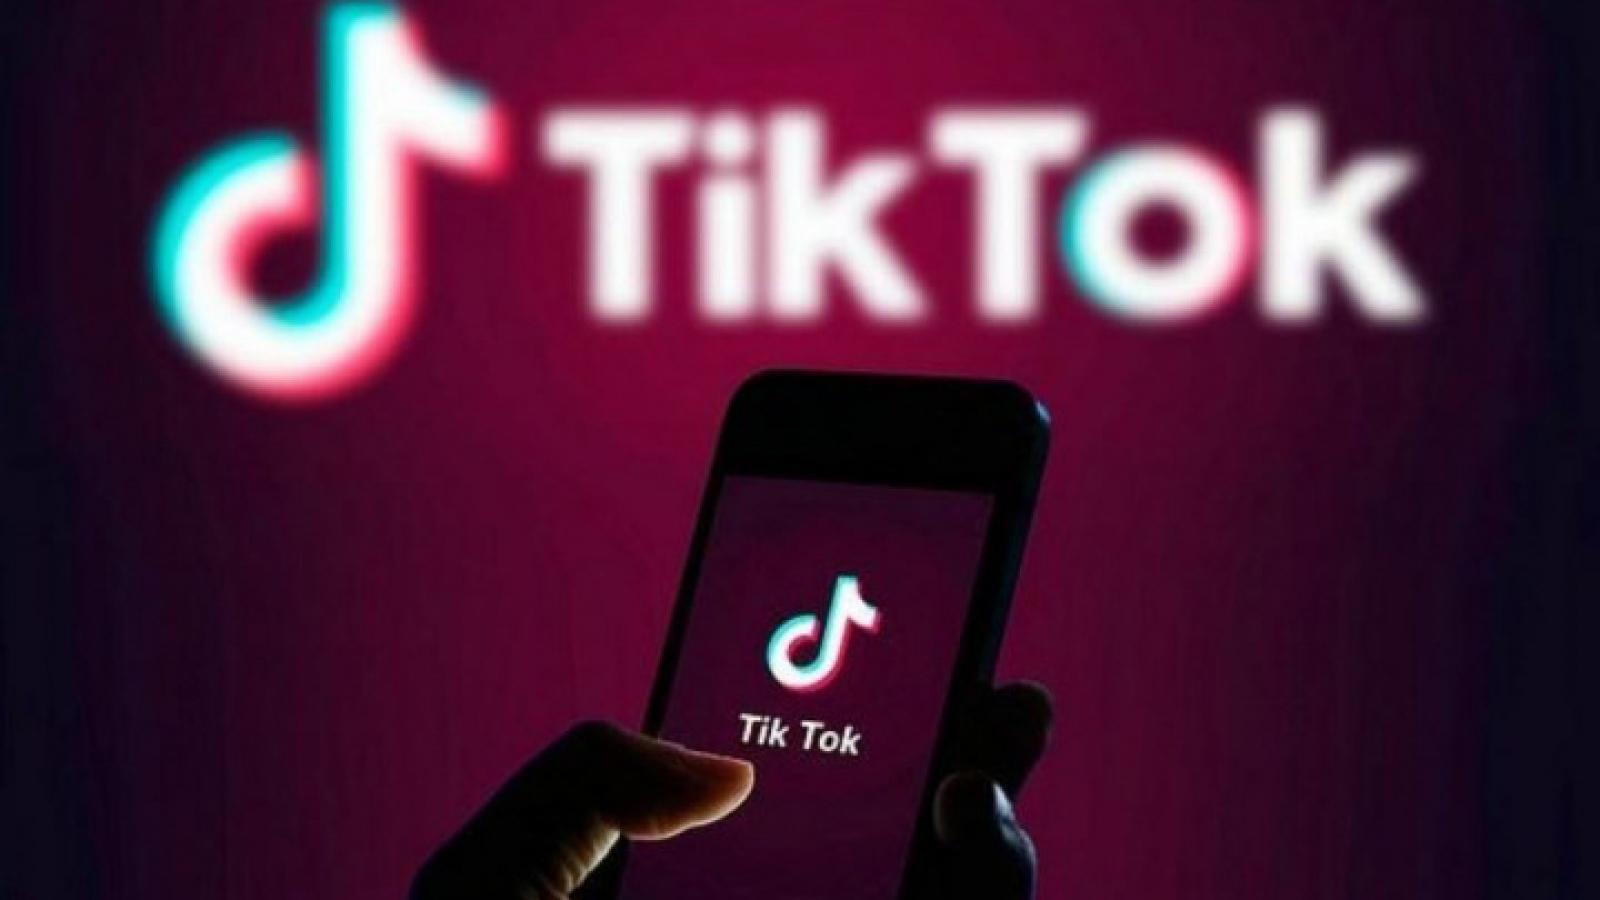 Tình trạng quản lý lỏng lẻo trẻ em sử dụng TikTok